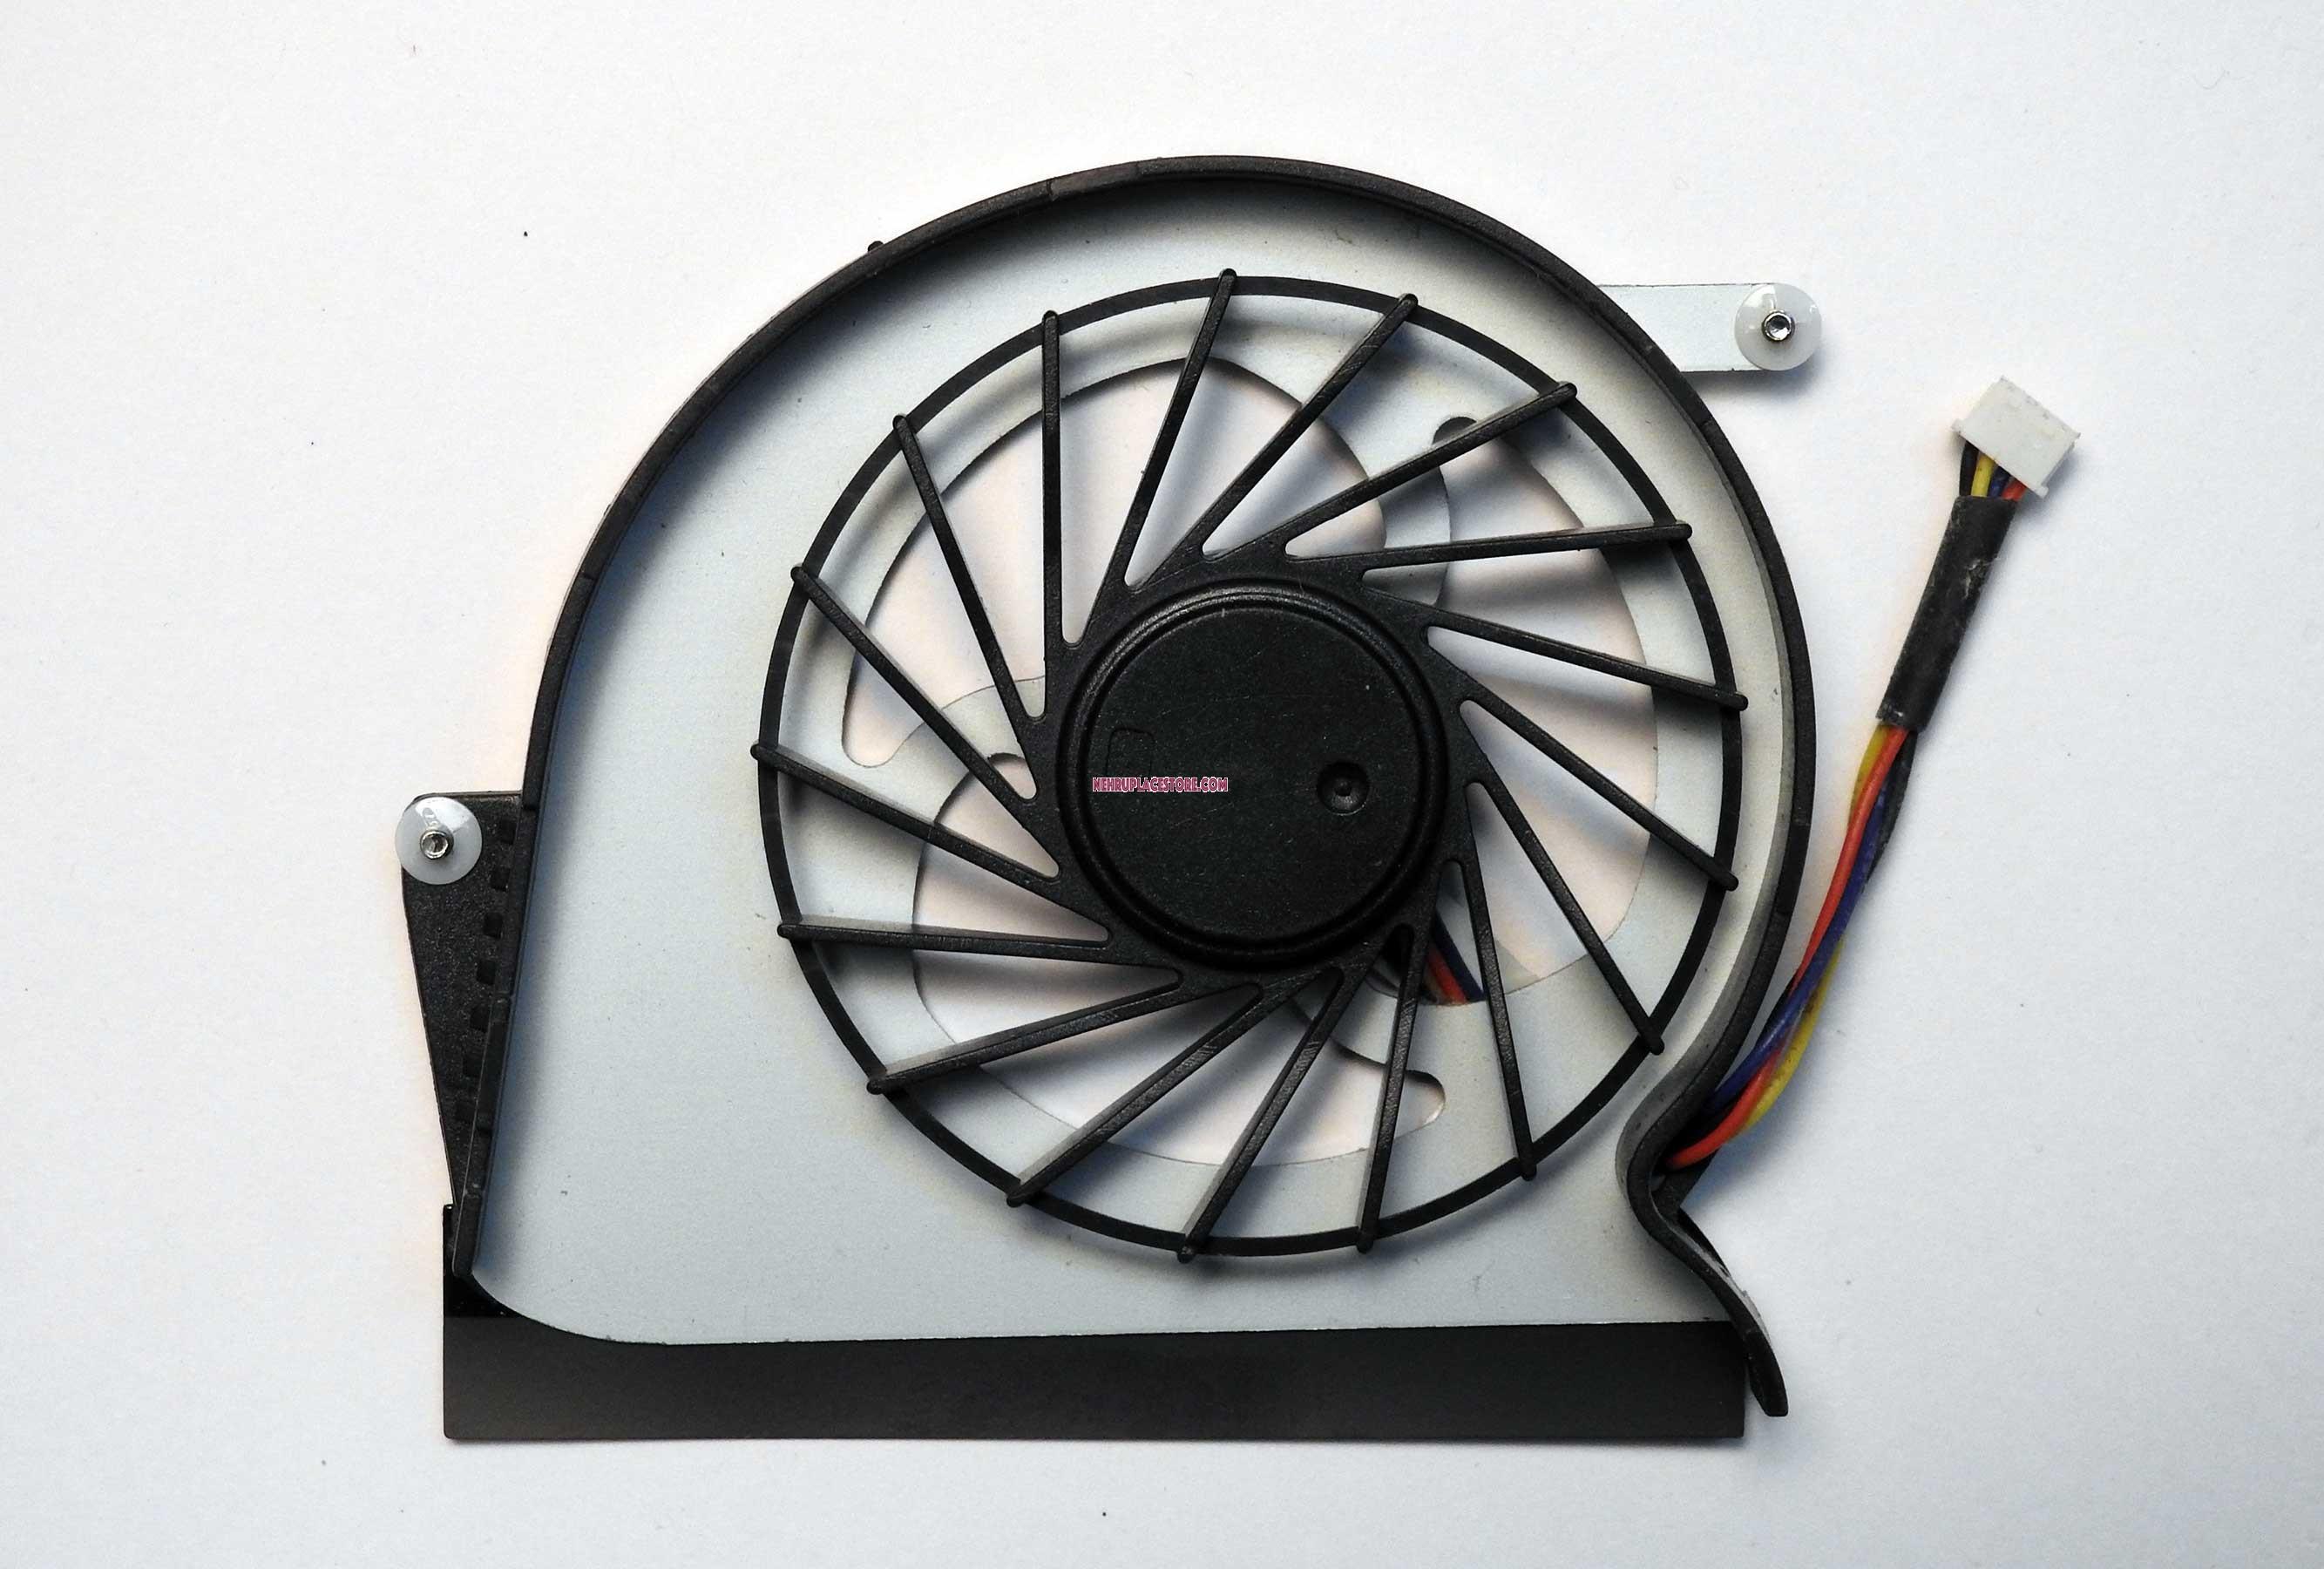 Replacement fan for Lenovo Y460 Y460A Y460N Y460C Y460P serie laptop DFS551205ML0T DC 5V 0.5A 3pin